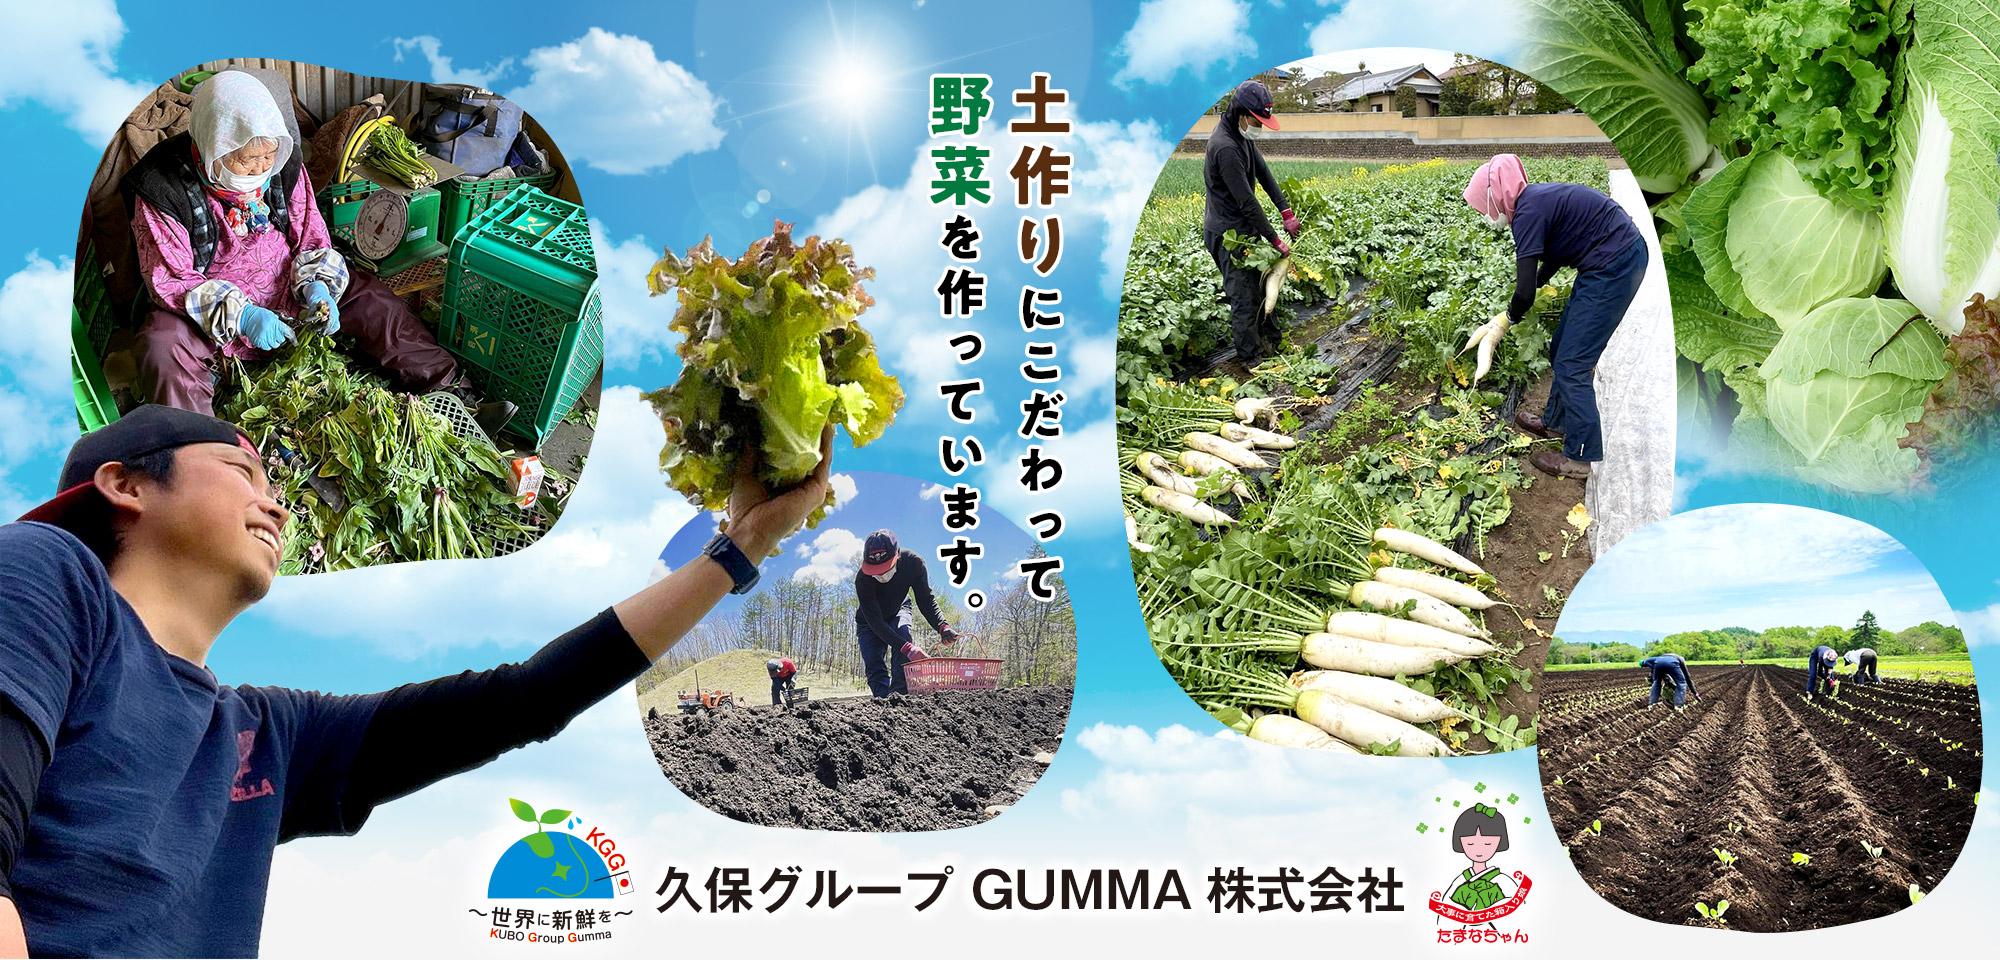 土作りにこだわって、野菜を作っています。